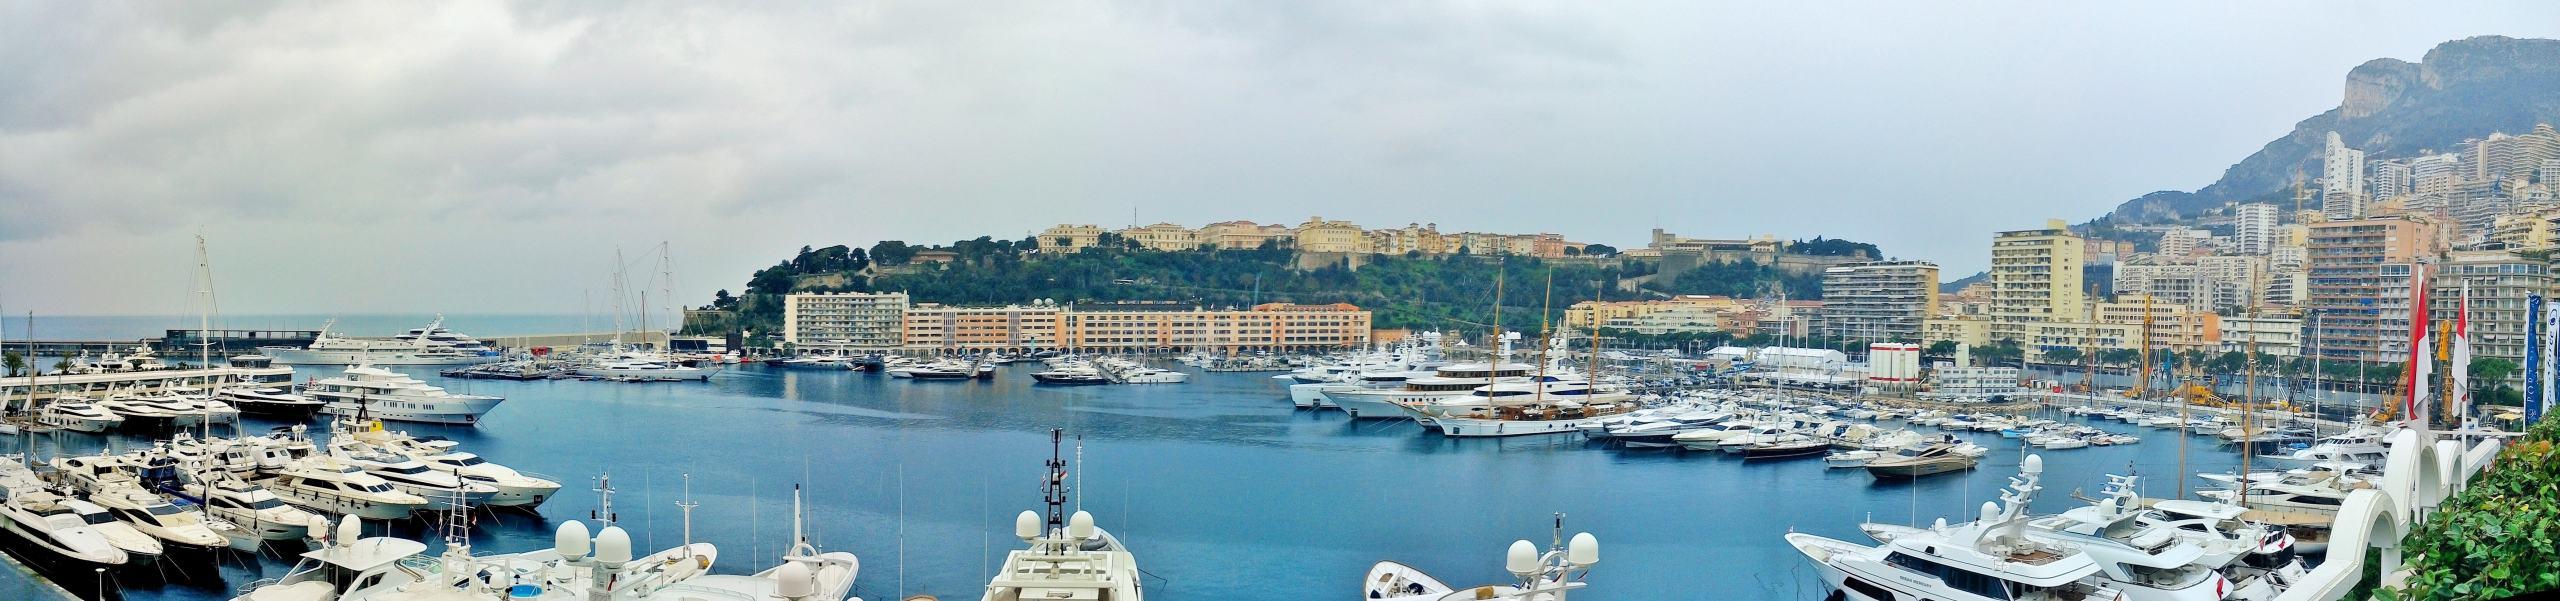 Monaco 2-min